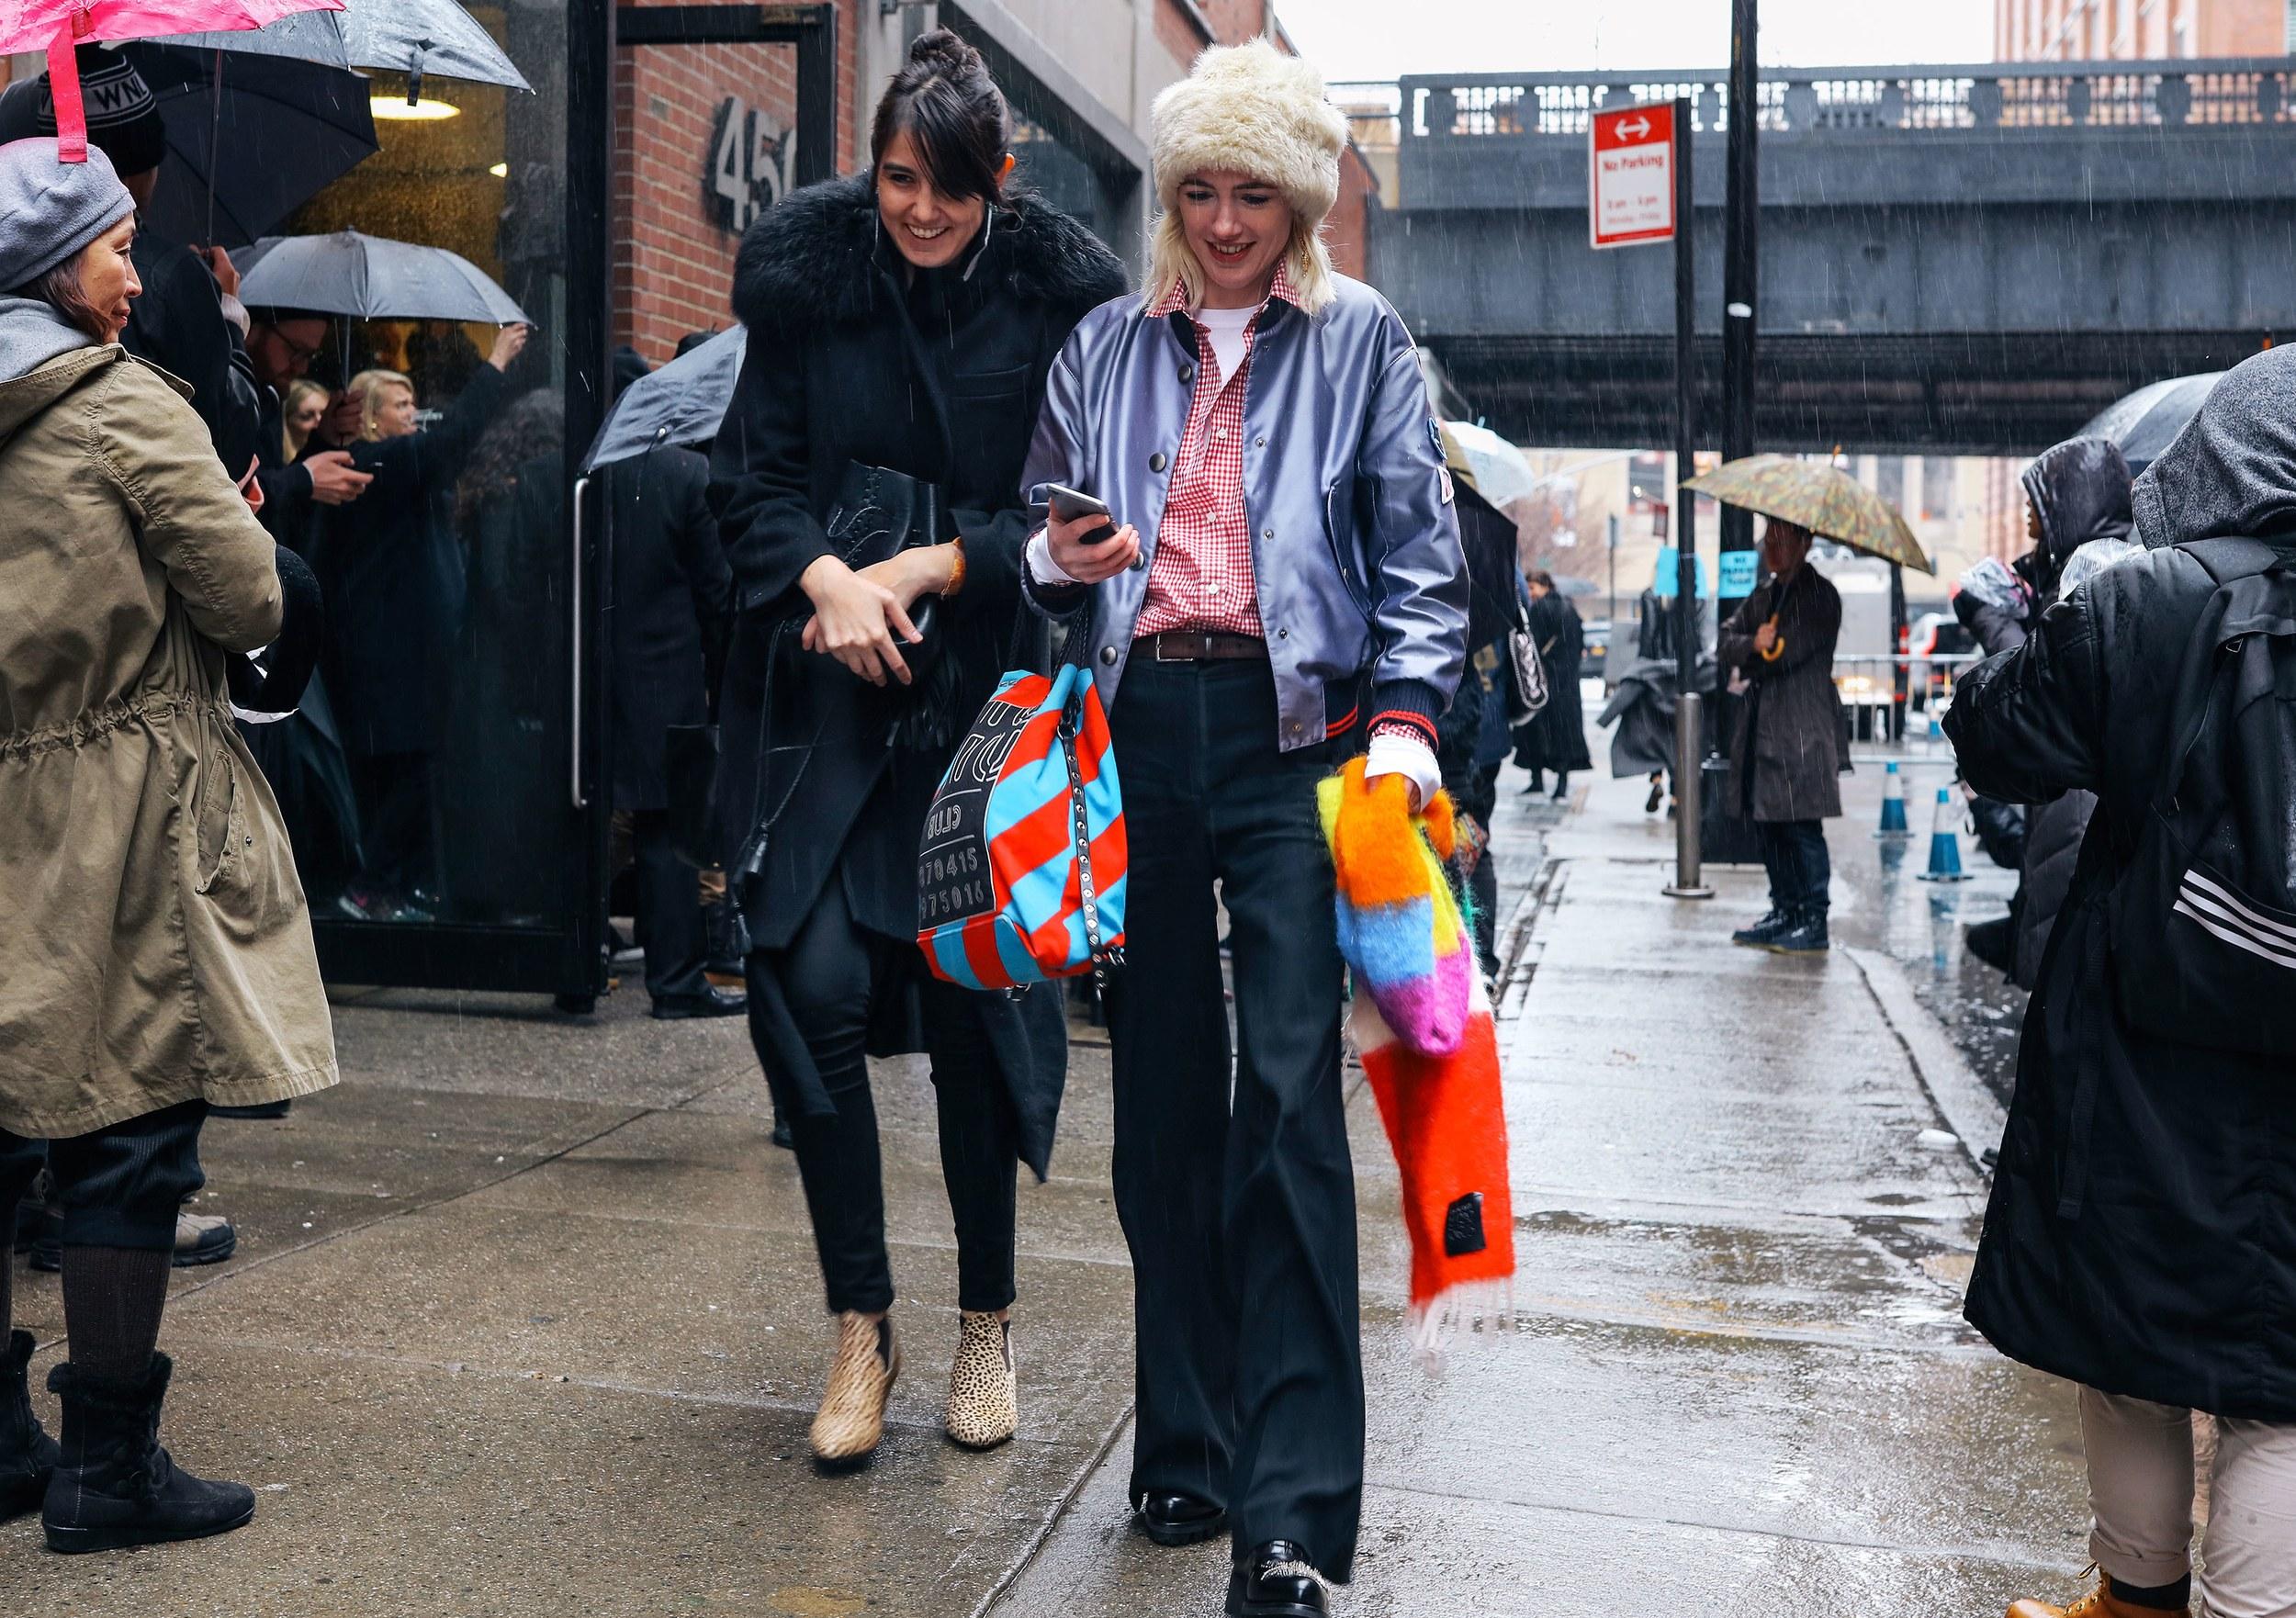 Chiêm ngưỡng đặc sản street style đẹp khó rời mắt tại Tuần lễ thời trang New York - Ảnh 23.